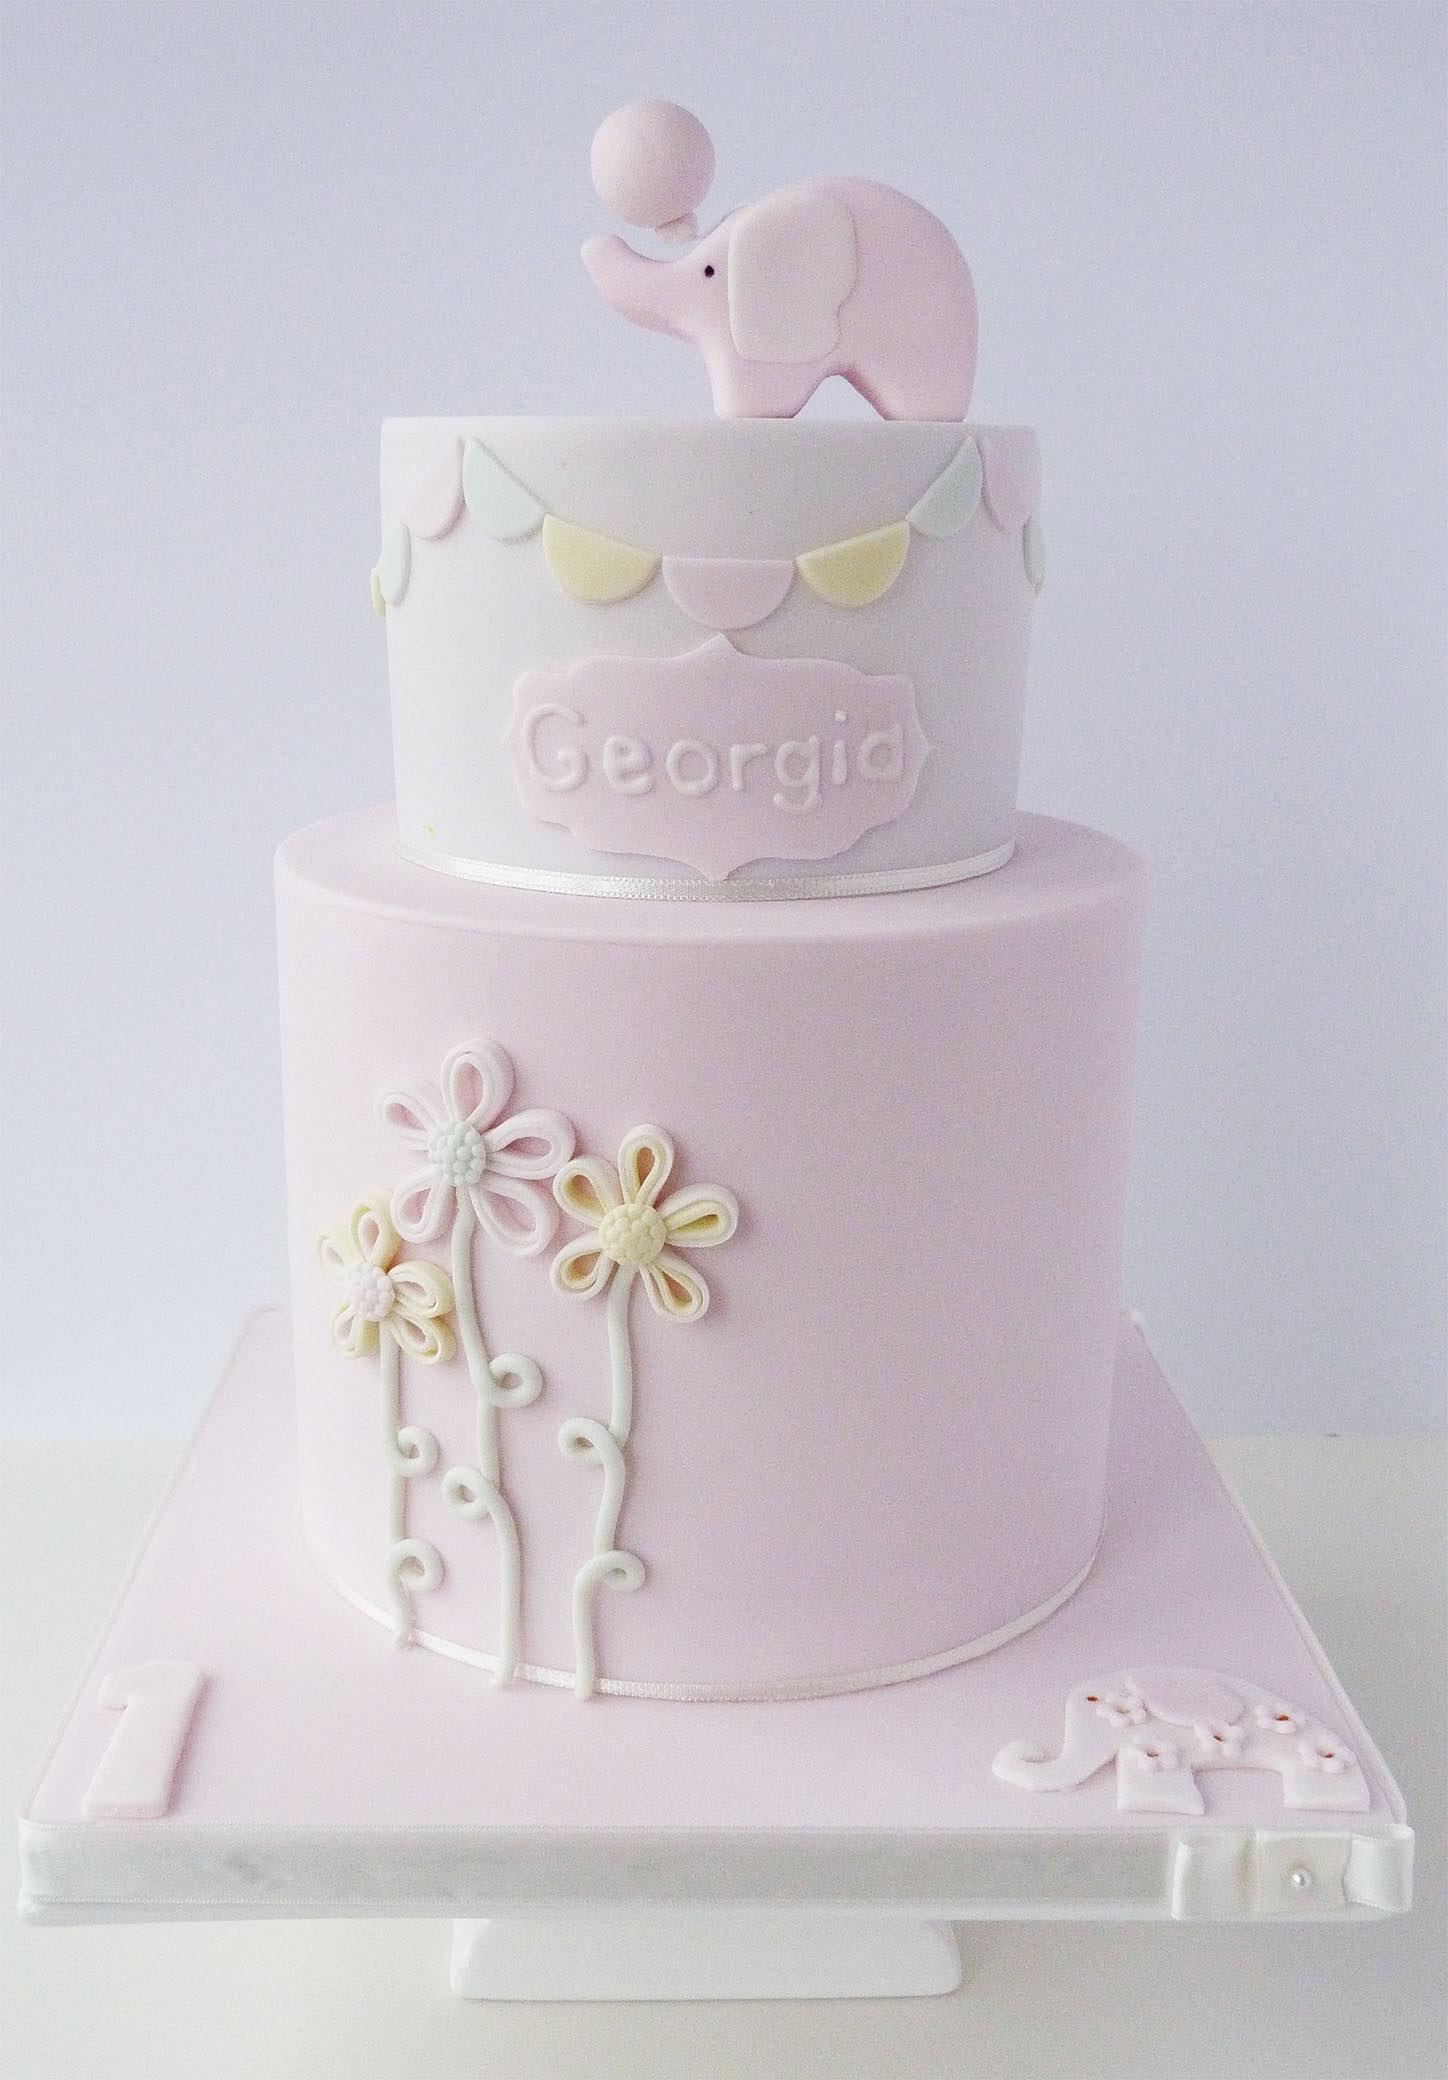 Cake decorating classe...